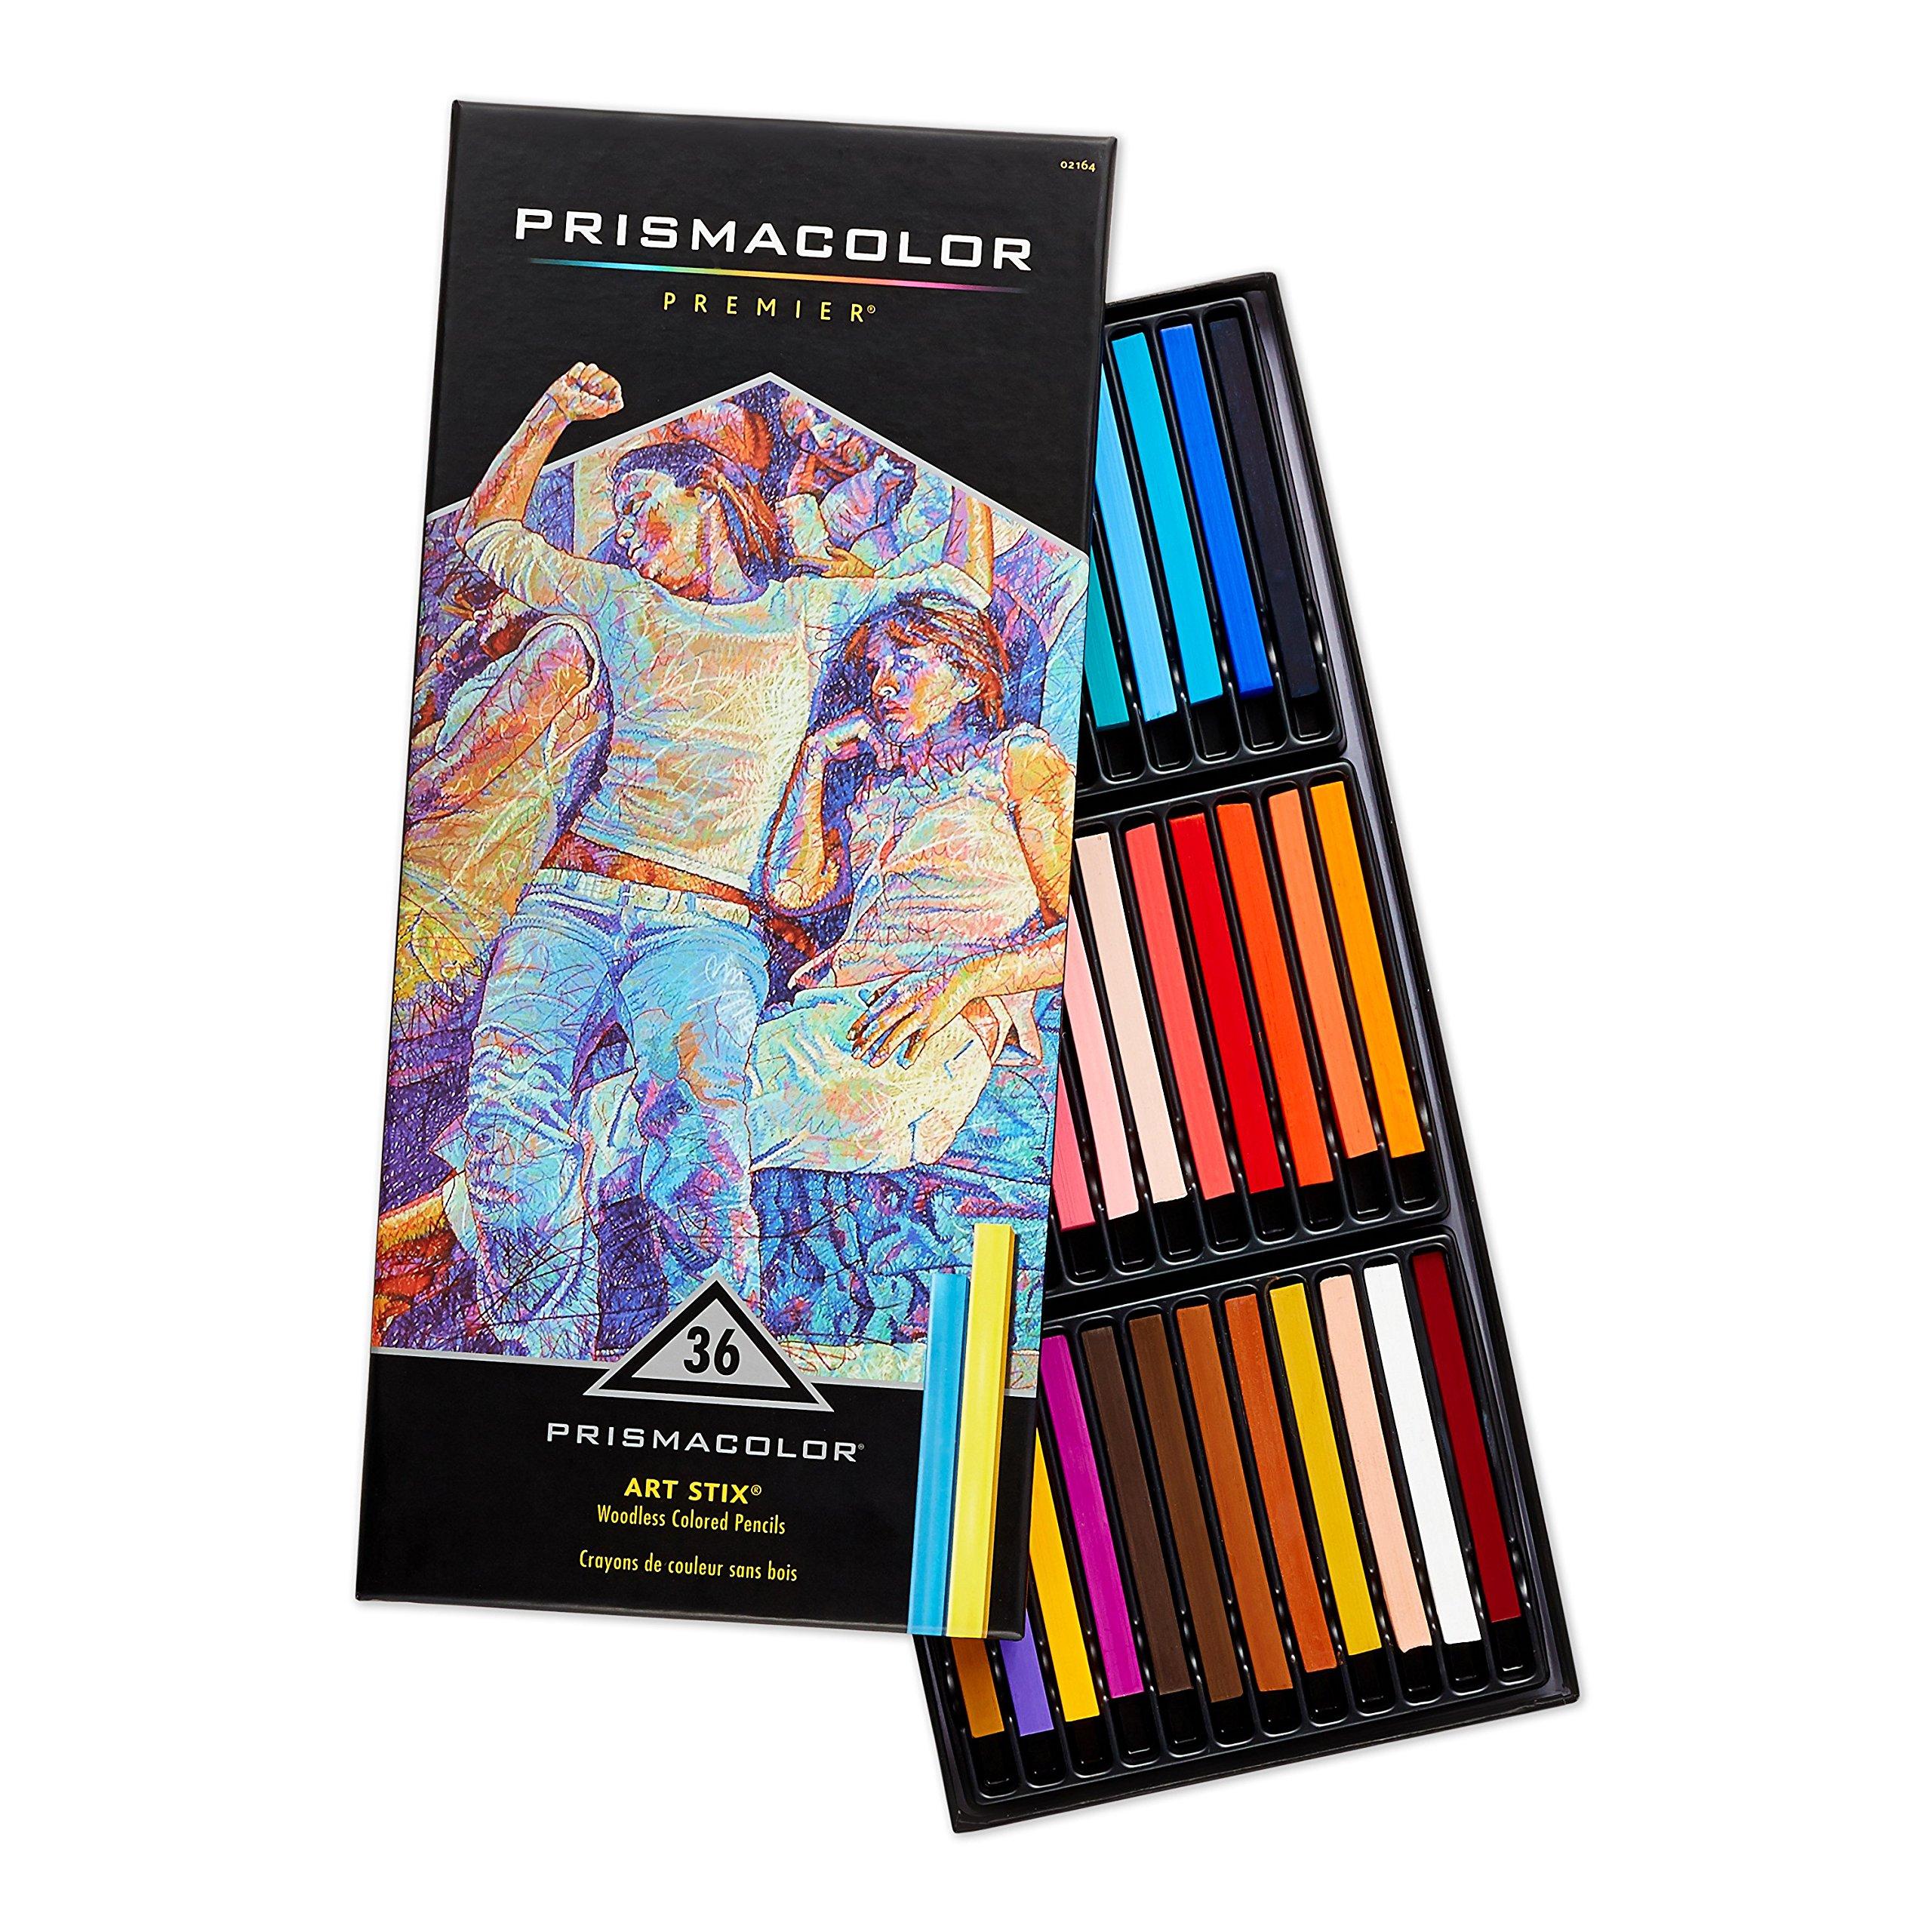 Prismacolor Premier Art Stix Woodless Colored Pencils, 36-Count (2164)